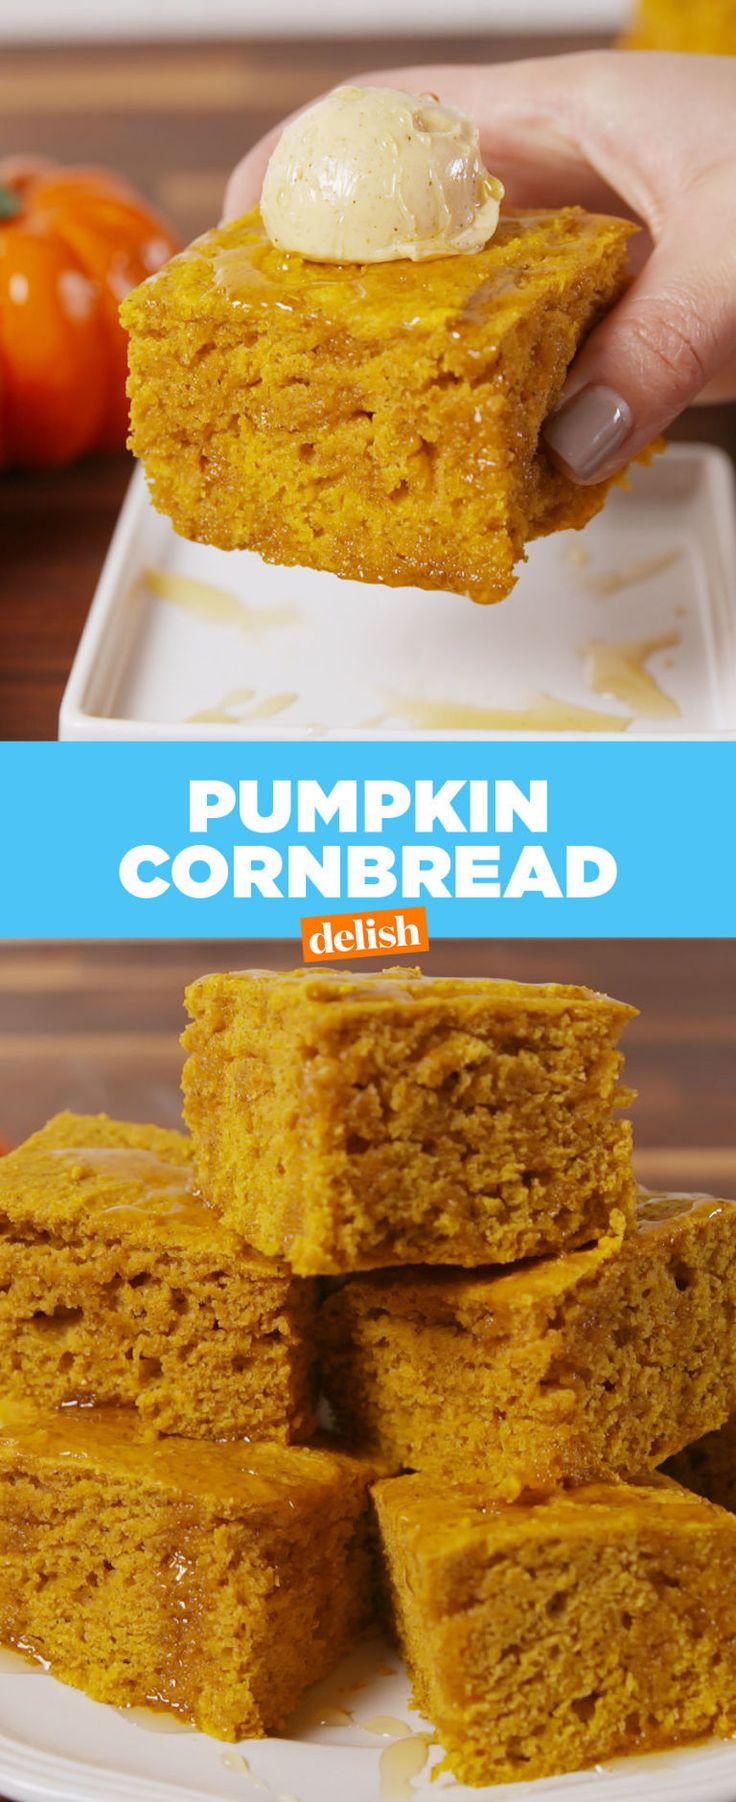 Pumpkin Cornbread - Delish.com